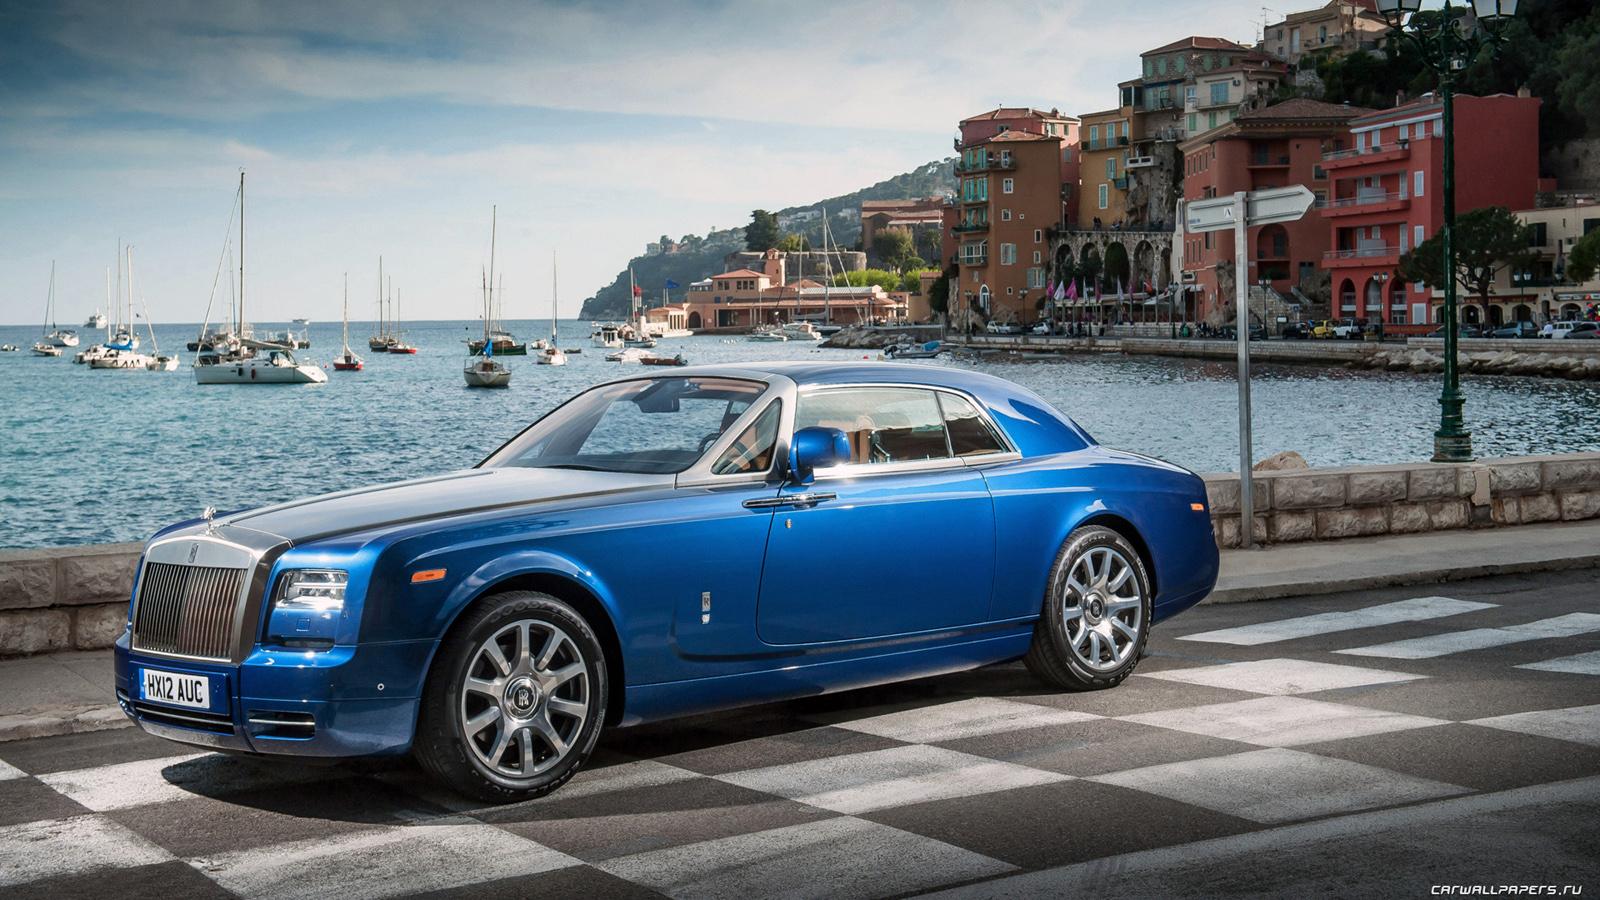 Rolls-Royce, Phantom, Coupe, Роллс-Ройс обои скачать